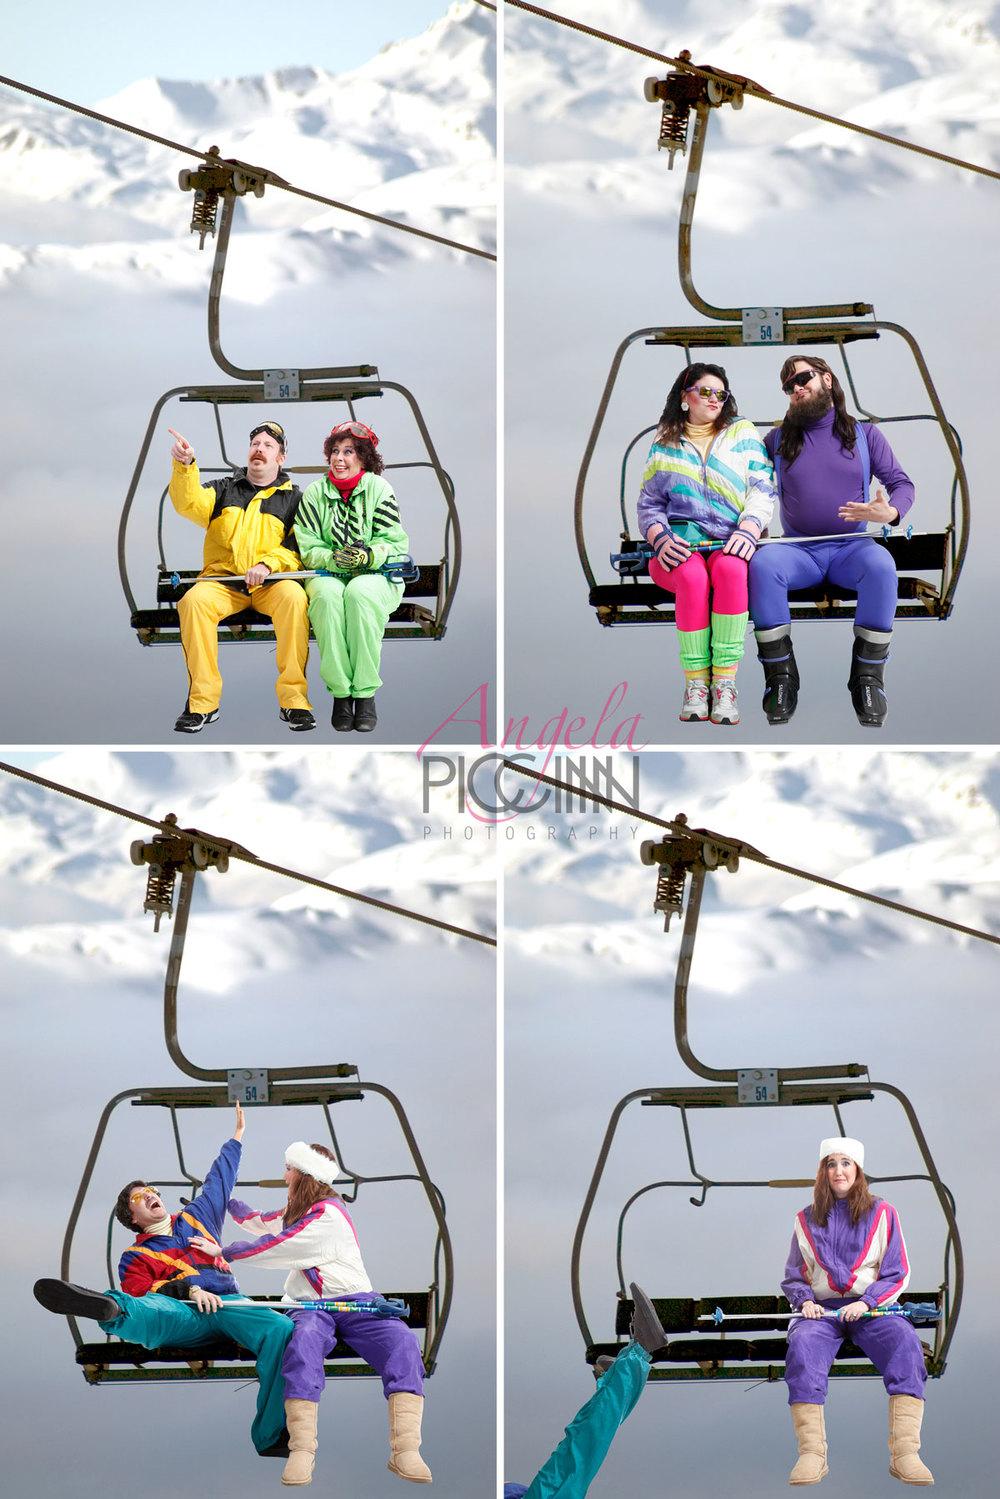 skiliftfunnycouples